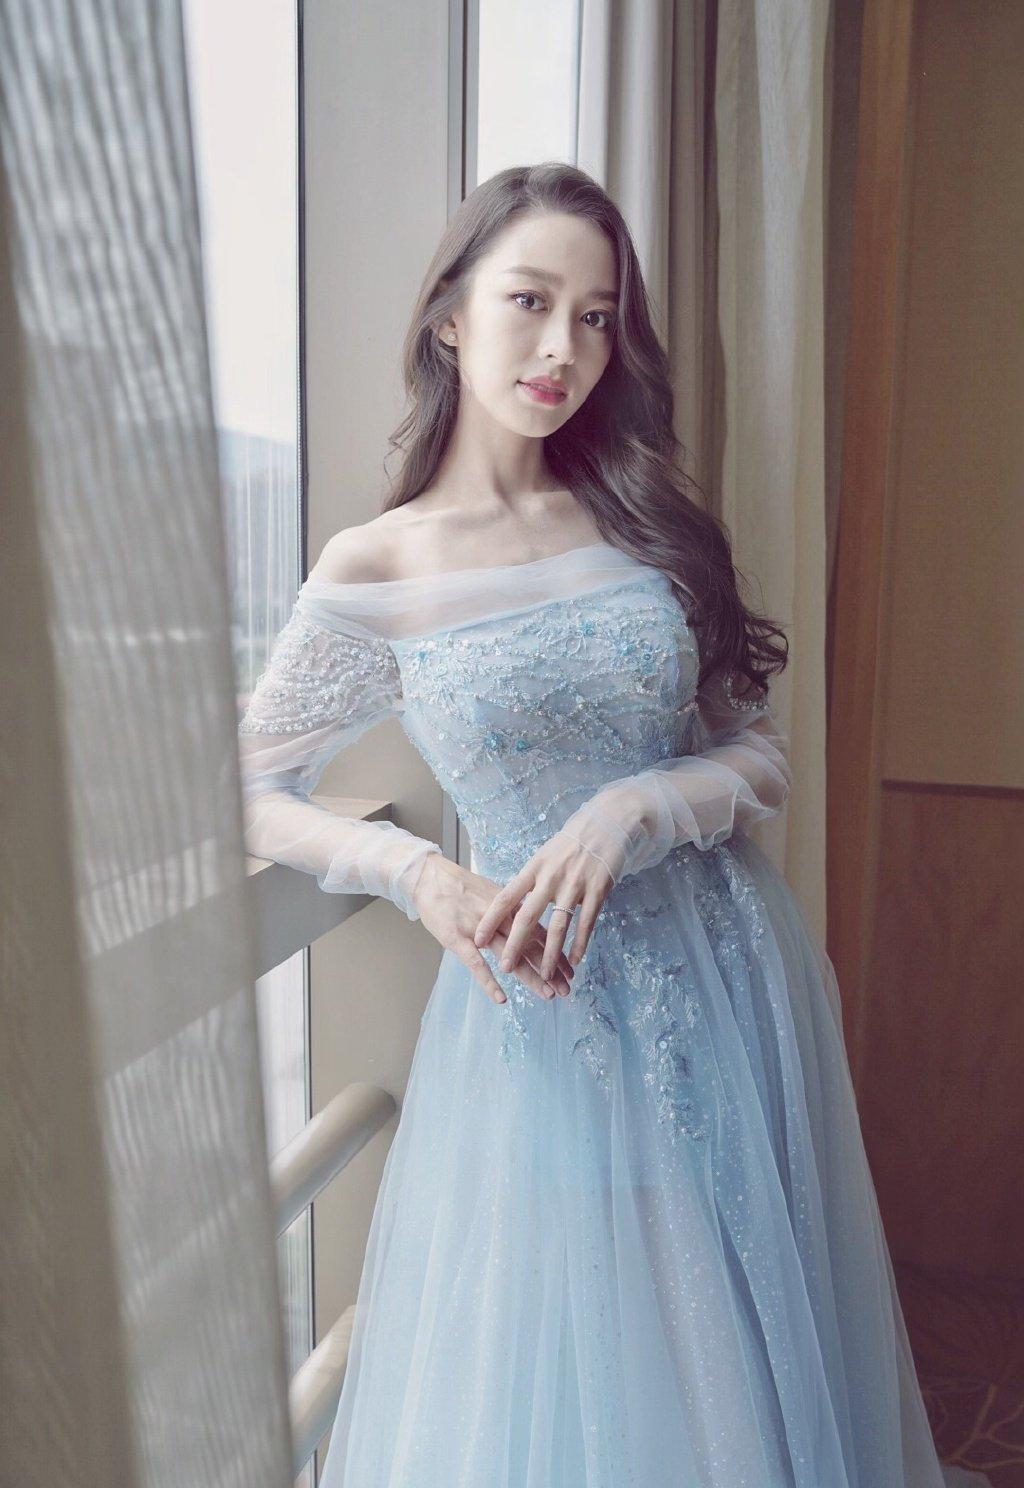 吉娜藍色紗裙禮服性感寫真圖片